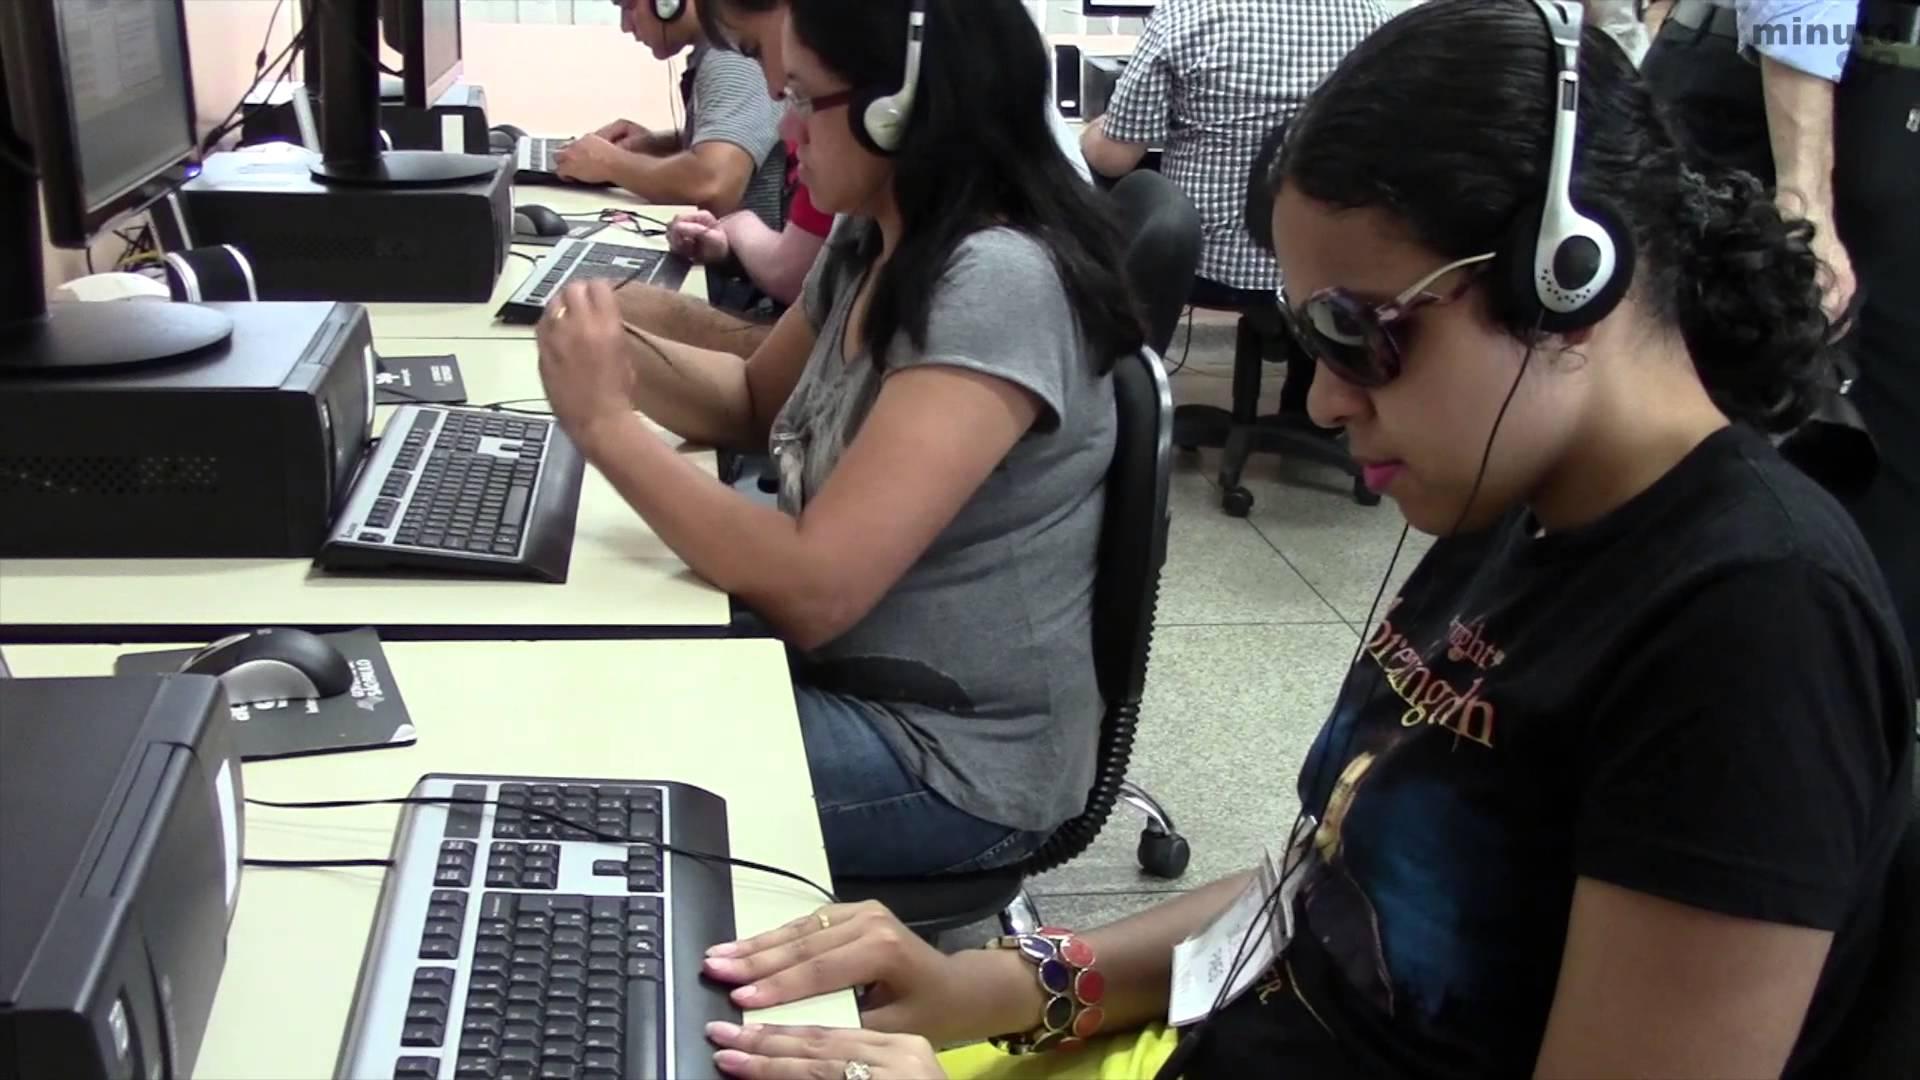 FCCE divulga dados sobre pessoas com deficiência no mercado de trabalho